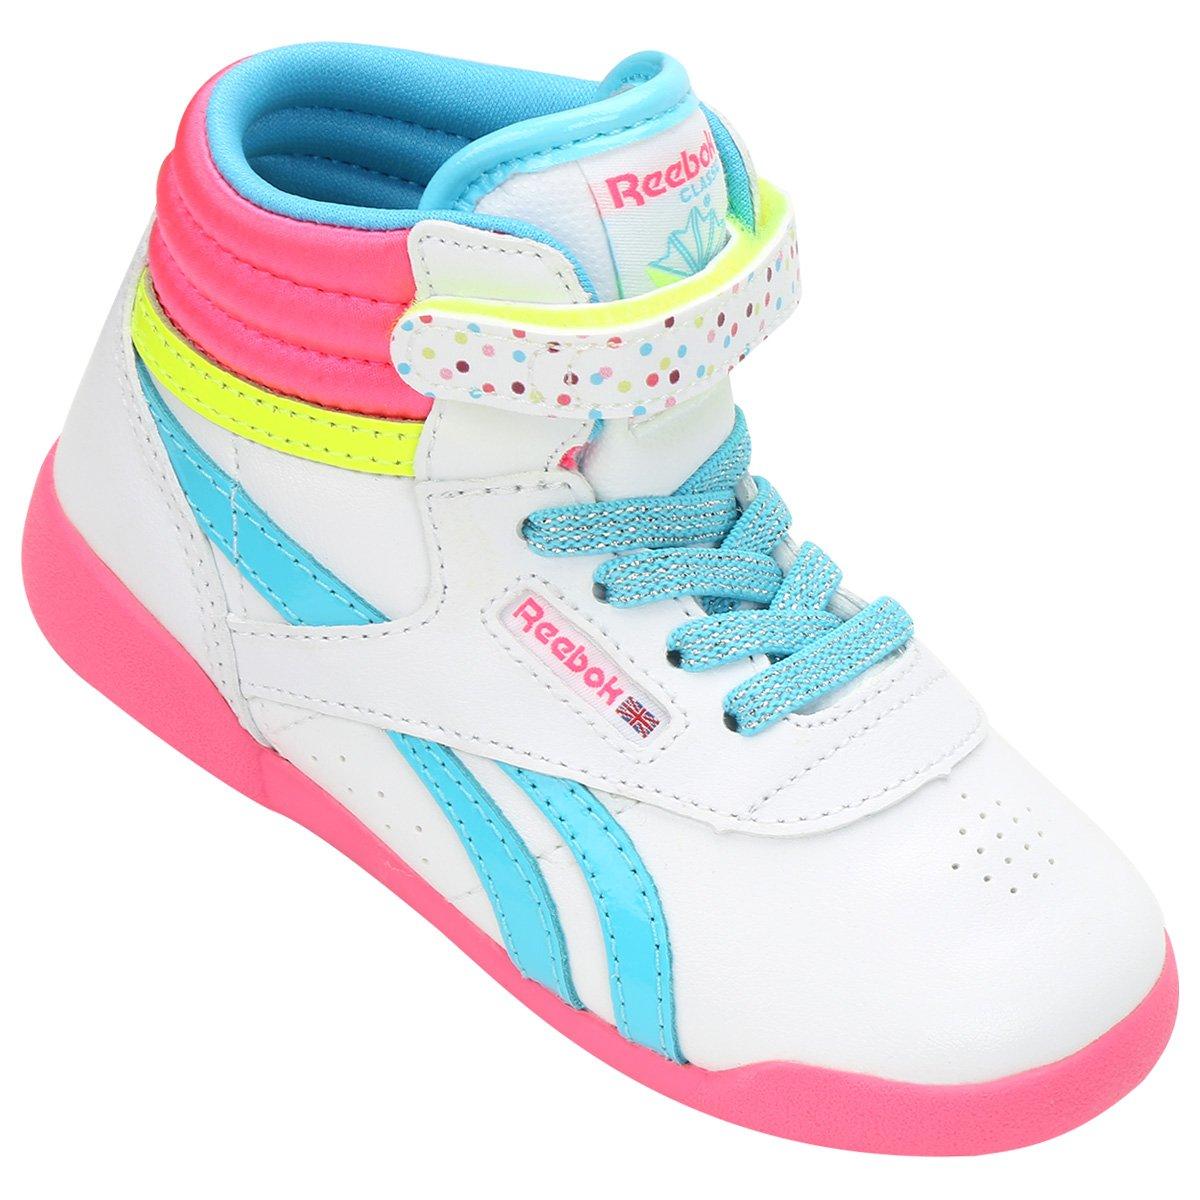 533d8fb4e16 Tênis Reebok Freestyle Hi Bday I Infantil - Compre Agora